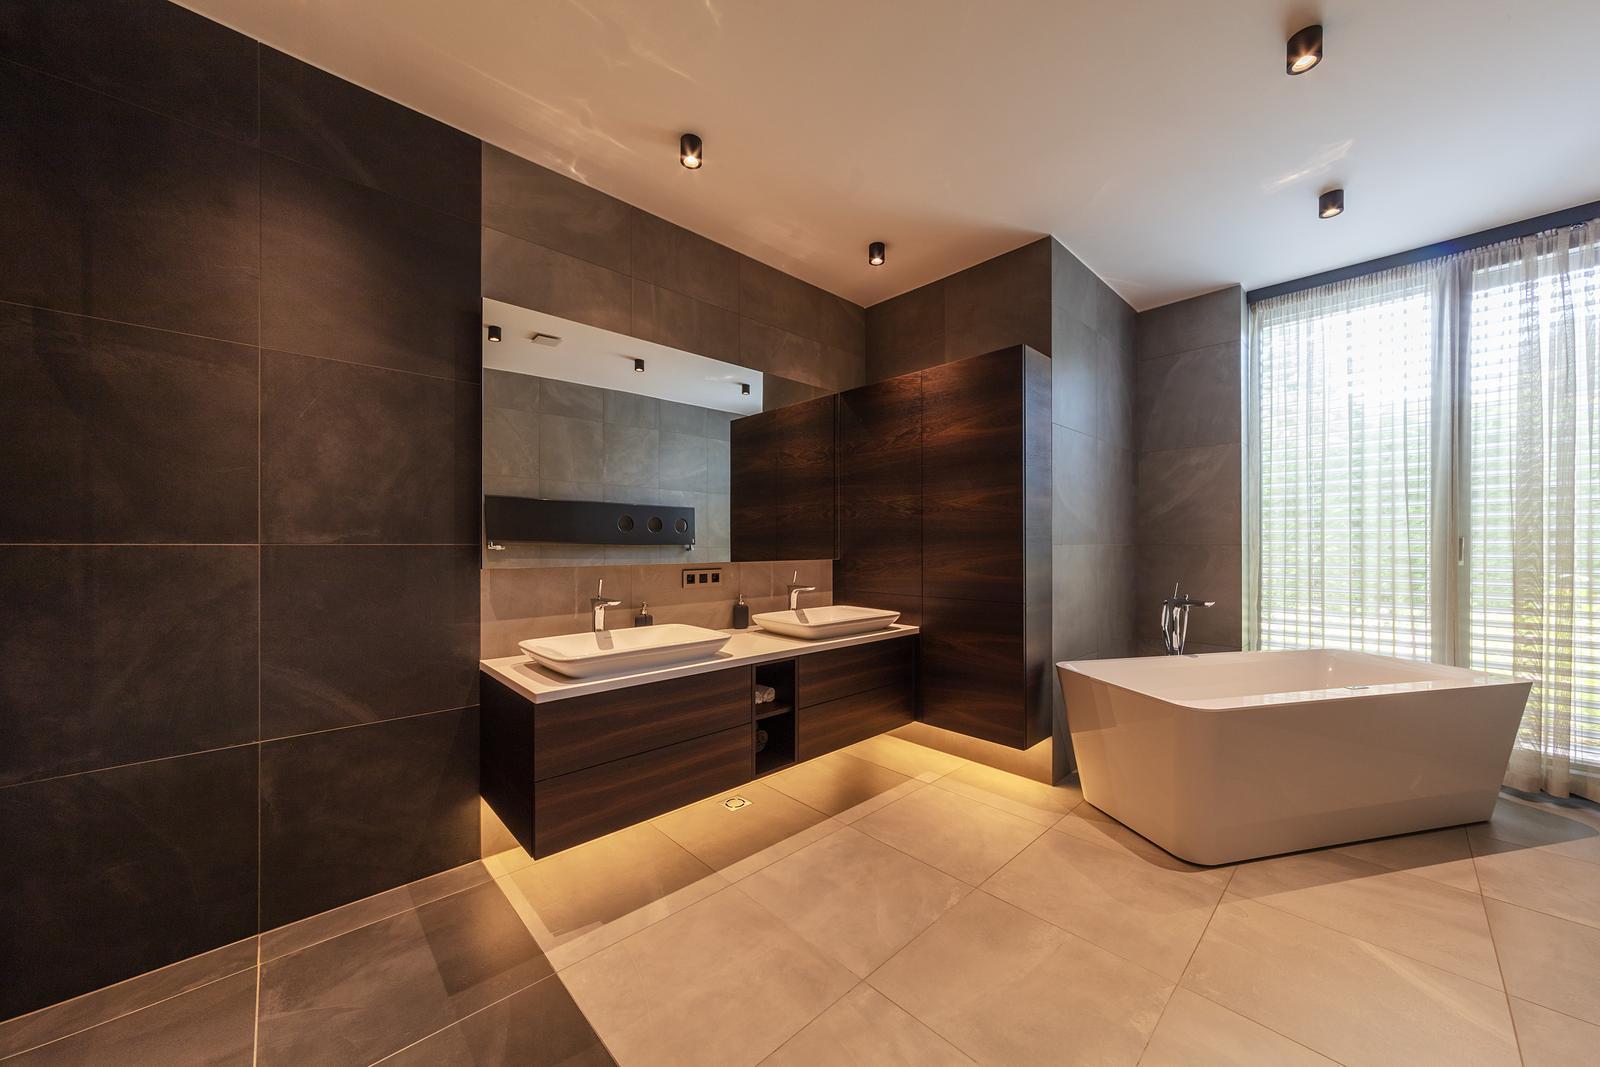 Inšpirujte sa.... kúpeľňa s krásnym výhľadom - Obrázok č. 1